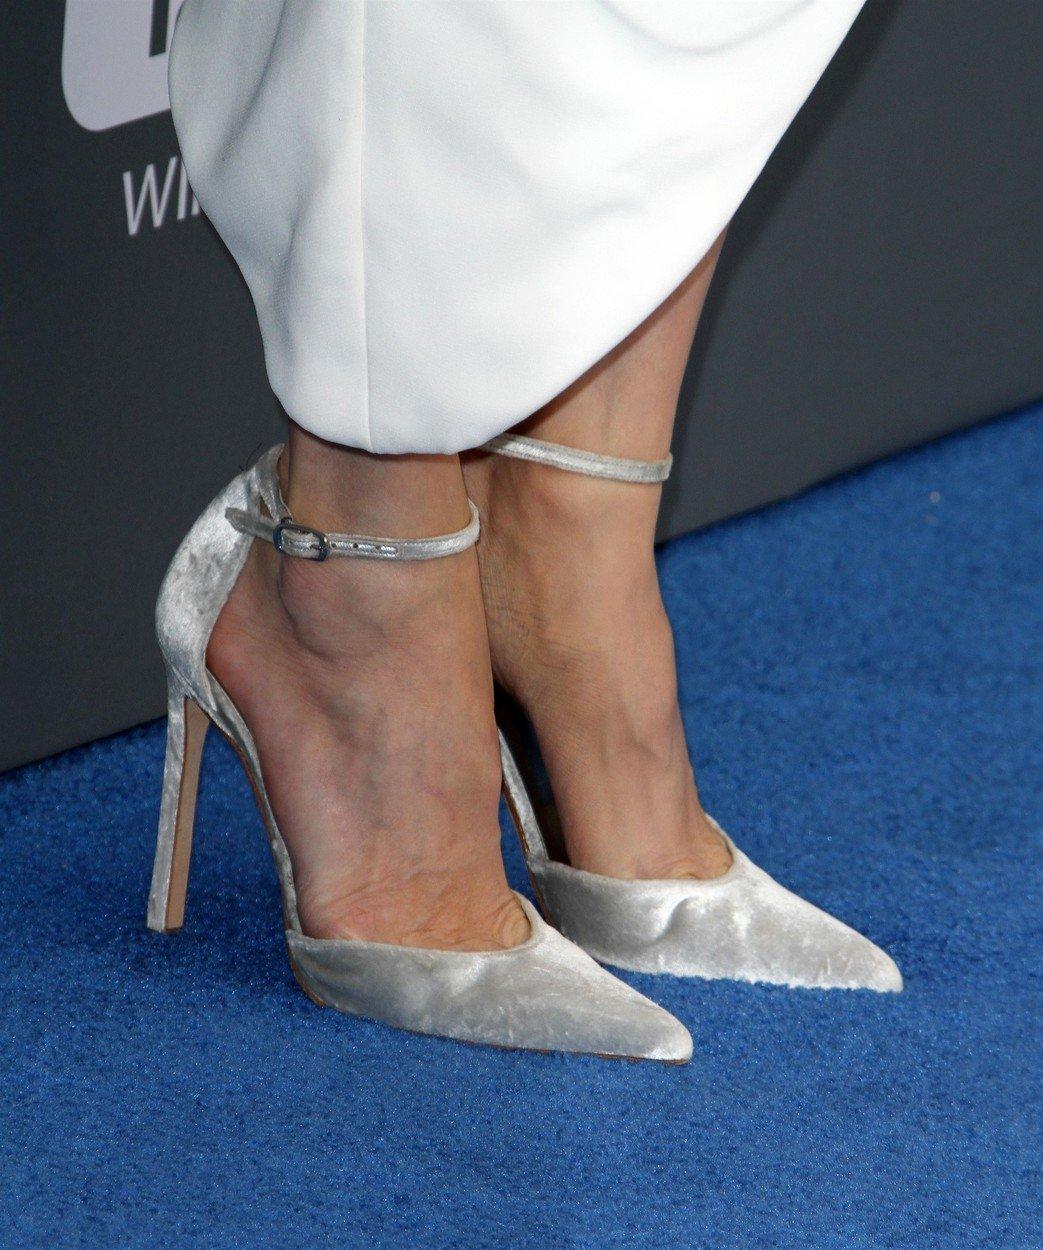 Anđelina Džoli, glumica, cipele, pliš